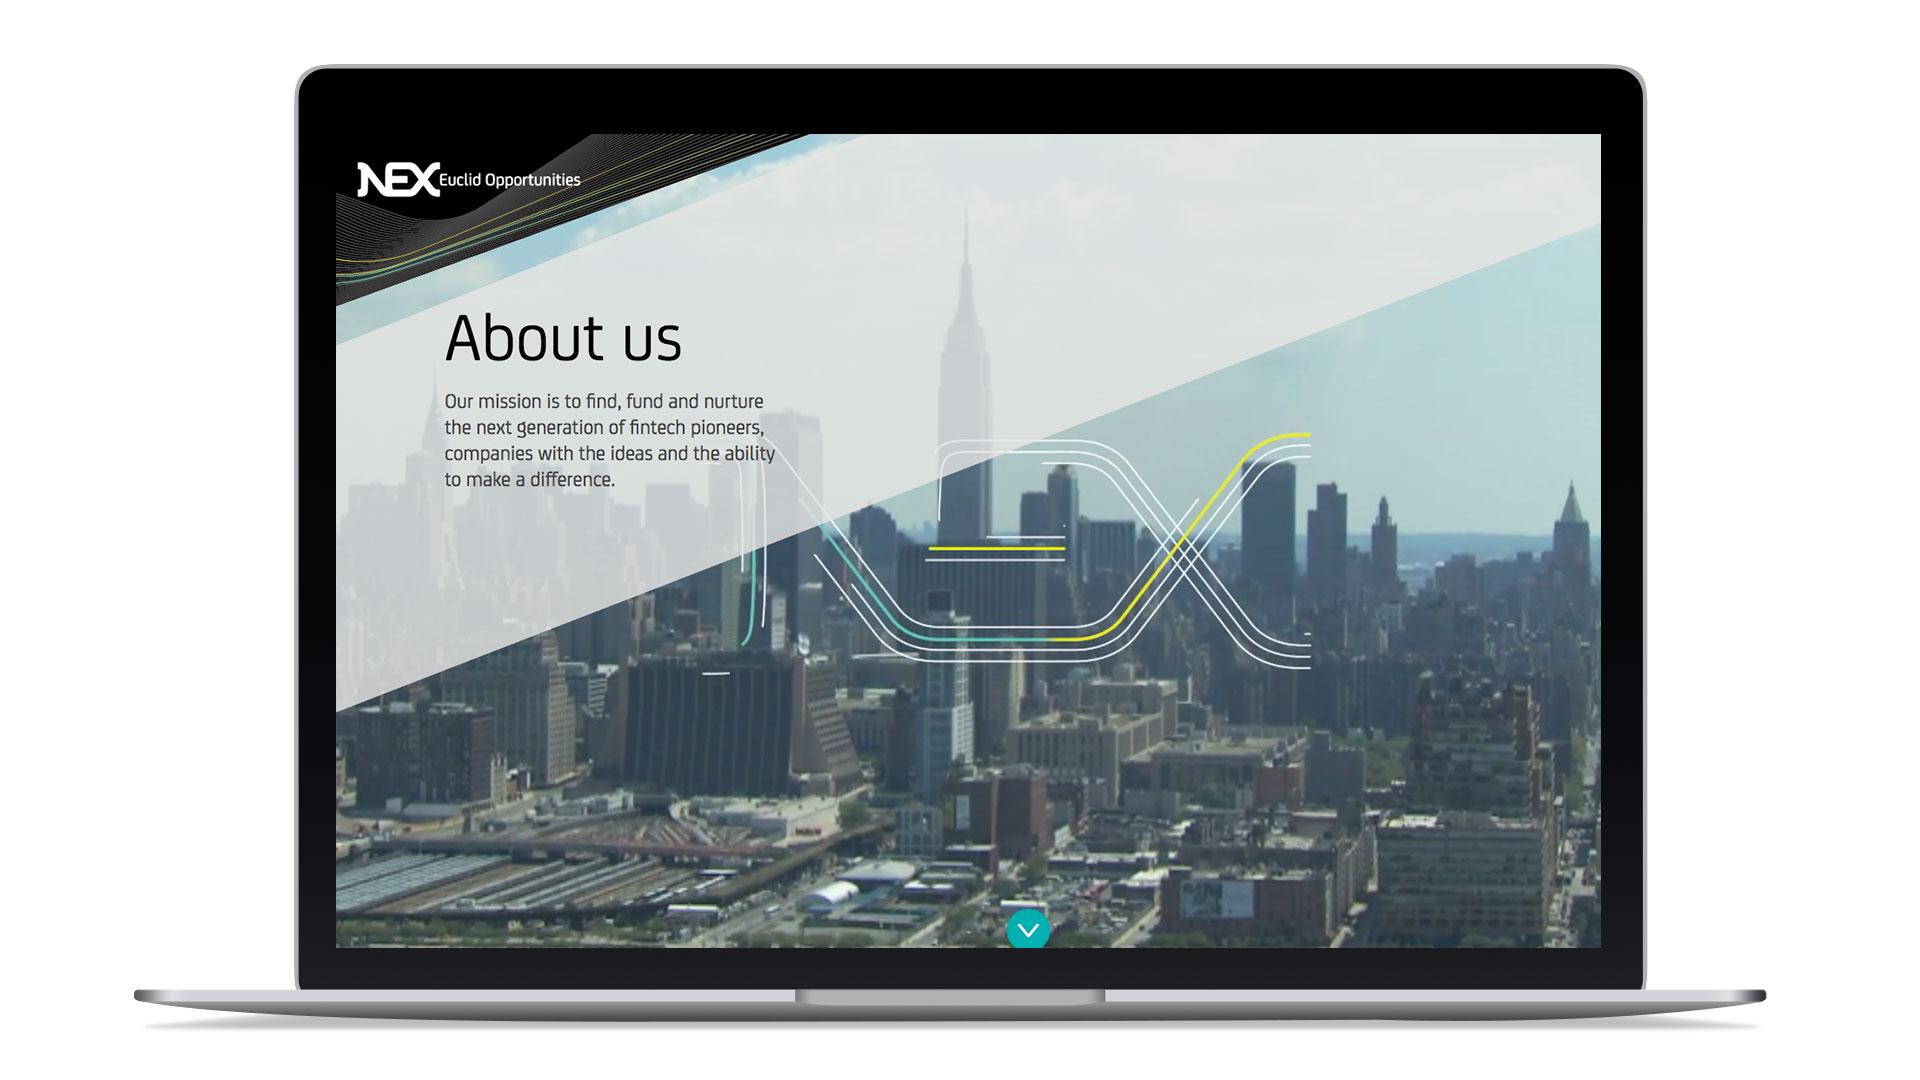 nex opportunities branding naming website design